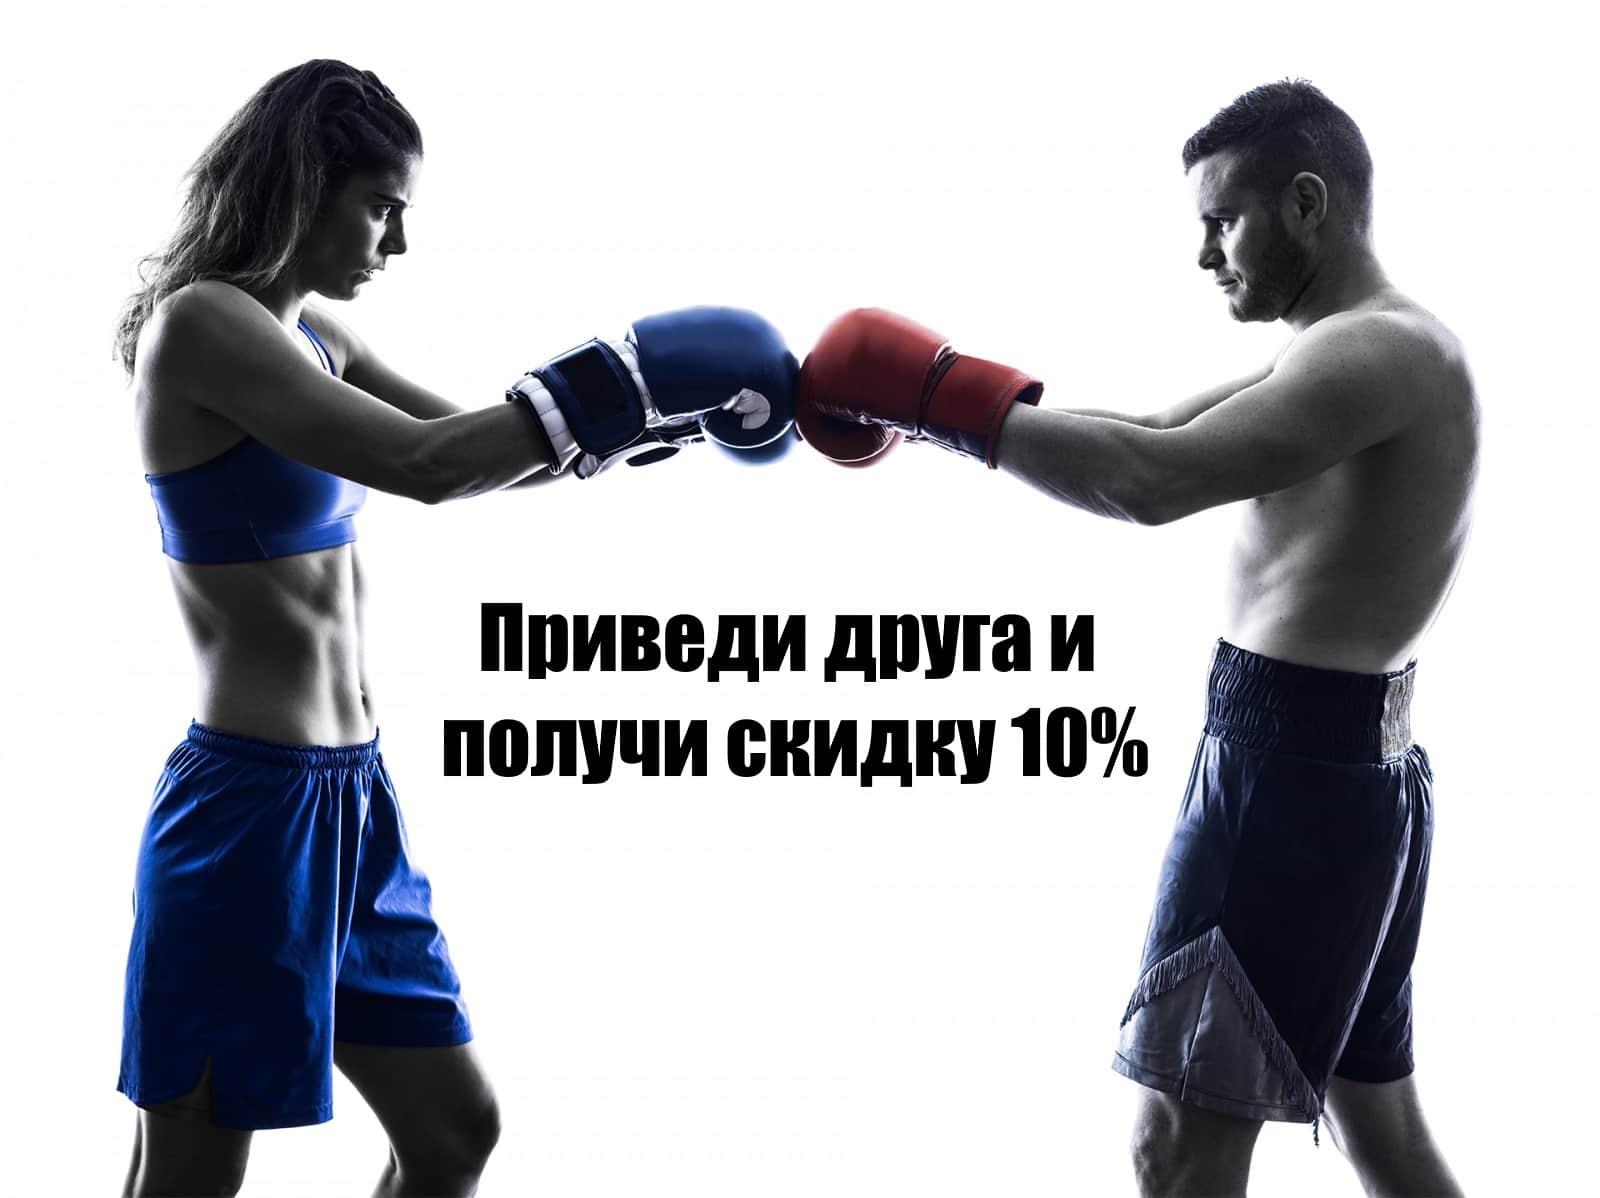 Приведи друга и получи скидку 10%